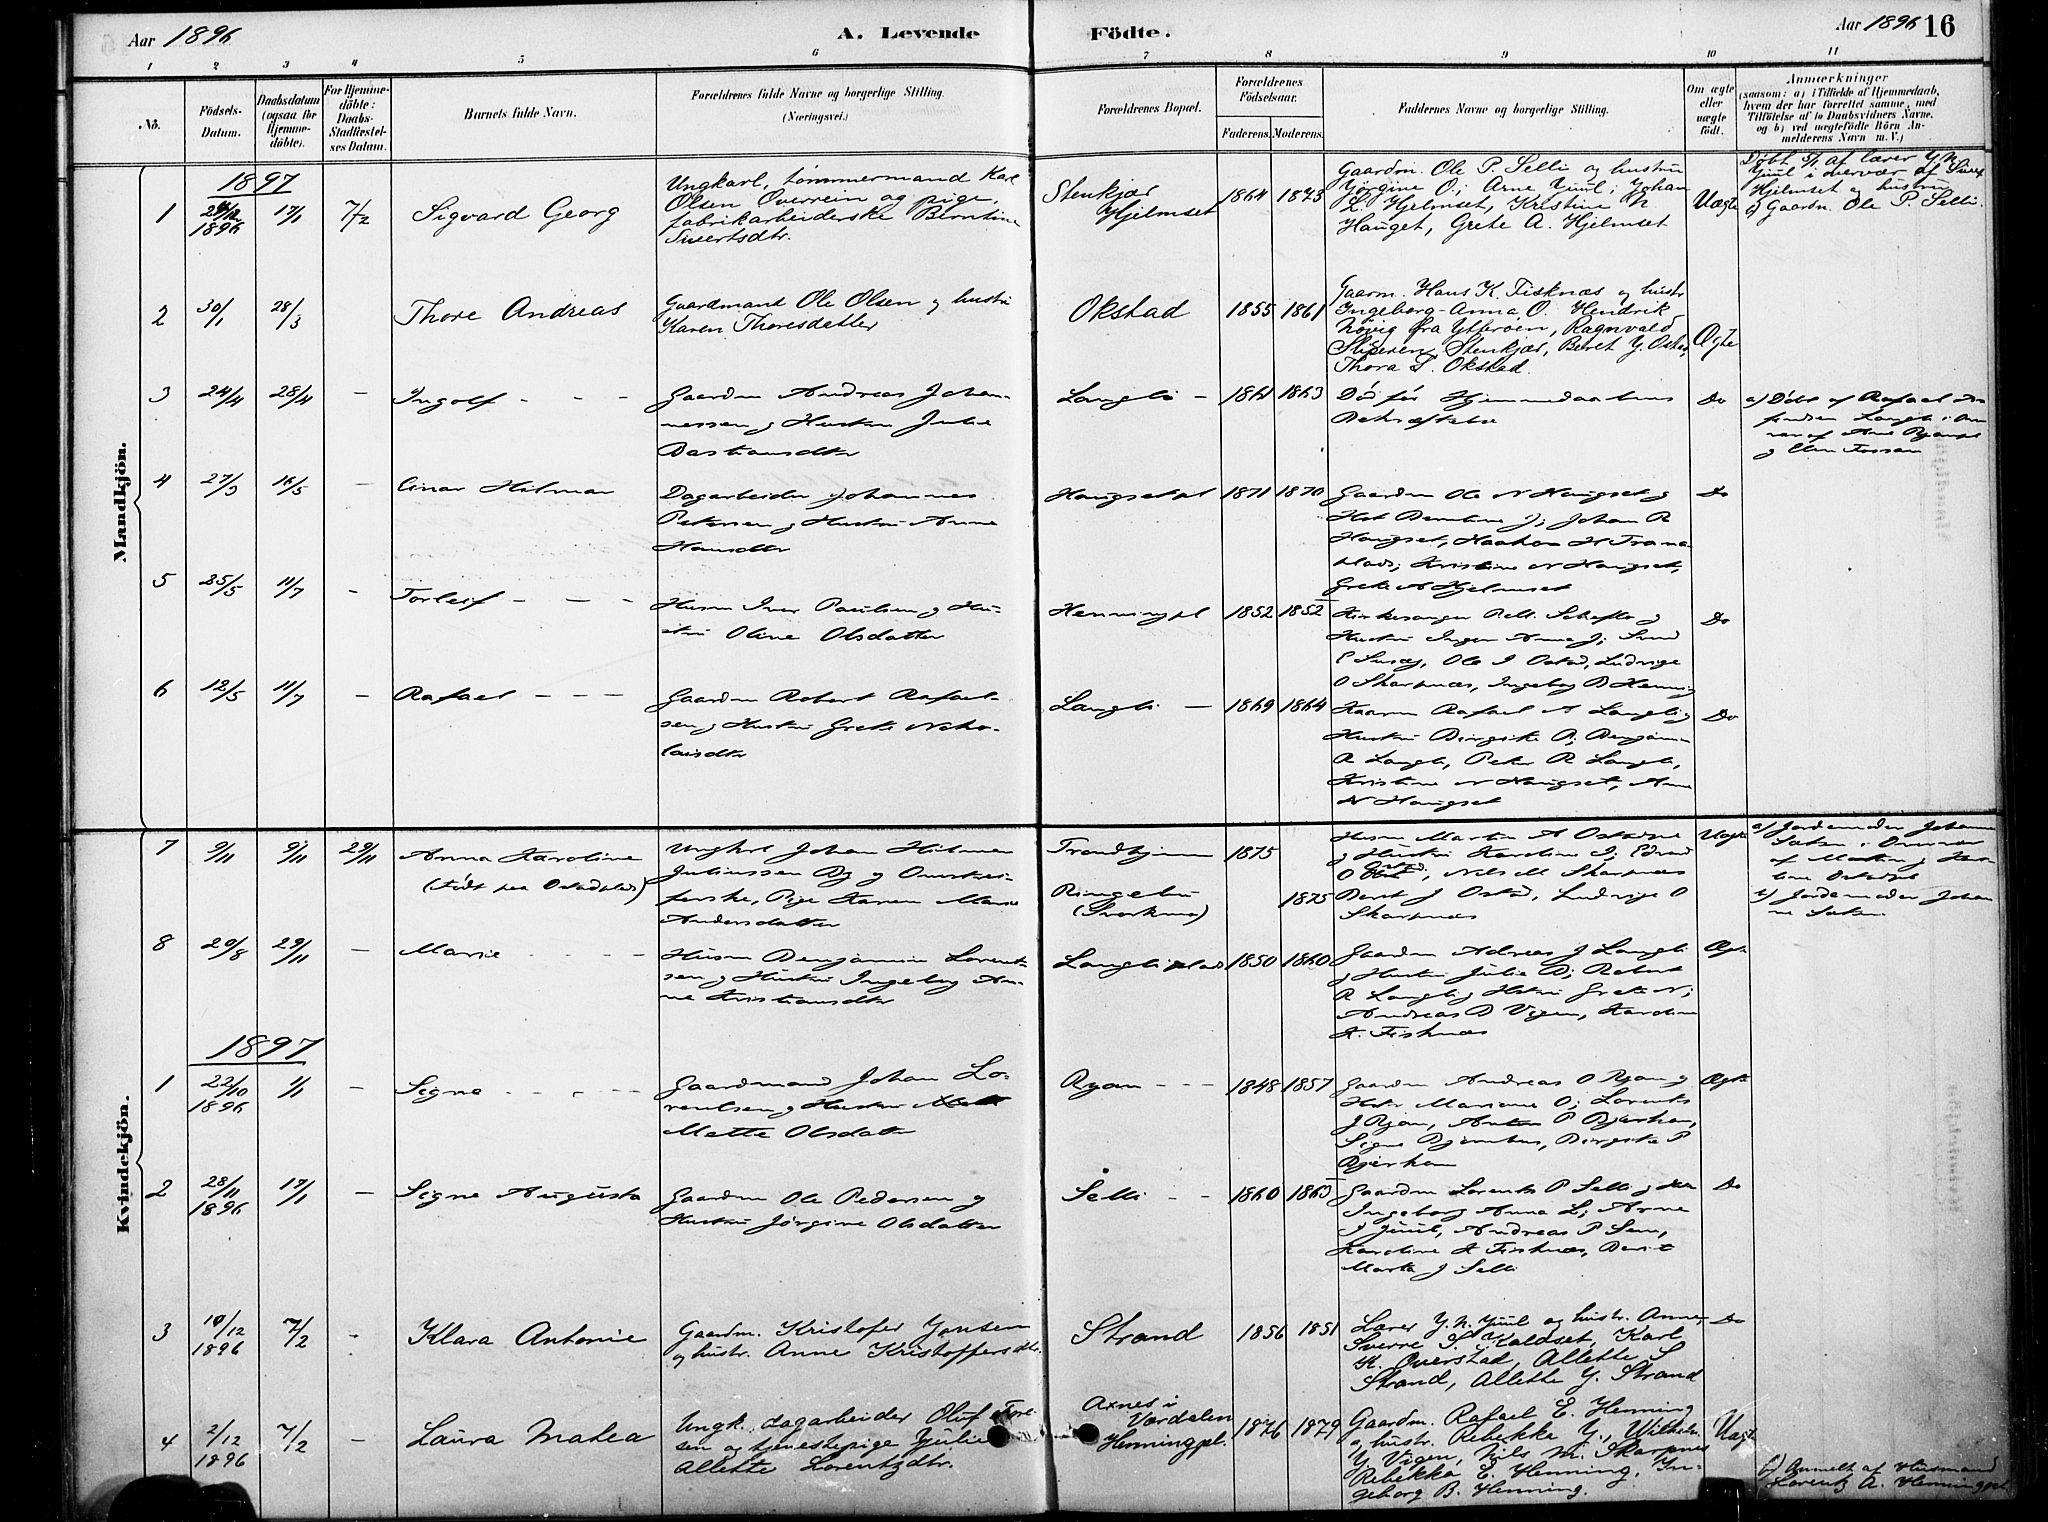 SAT, Ministerialprotokoller, klokkerbøker og fødselsregistre - Nord-Trøndelag, 738/L0364: Ministerialbok nr. 738A01, 1884-1902, s. 16